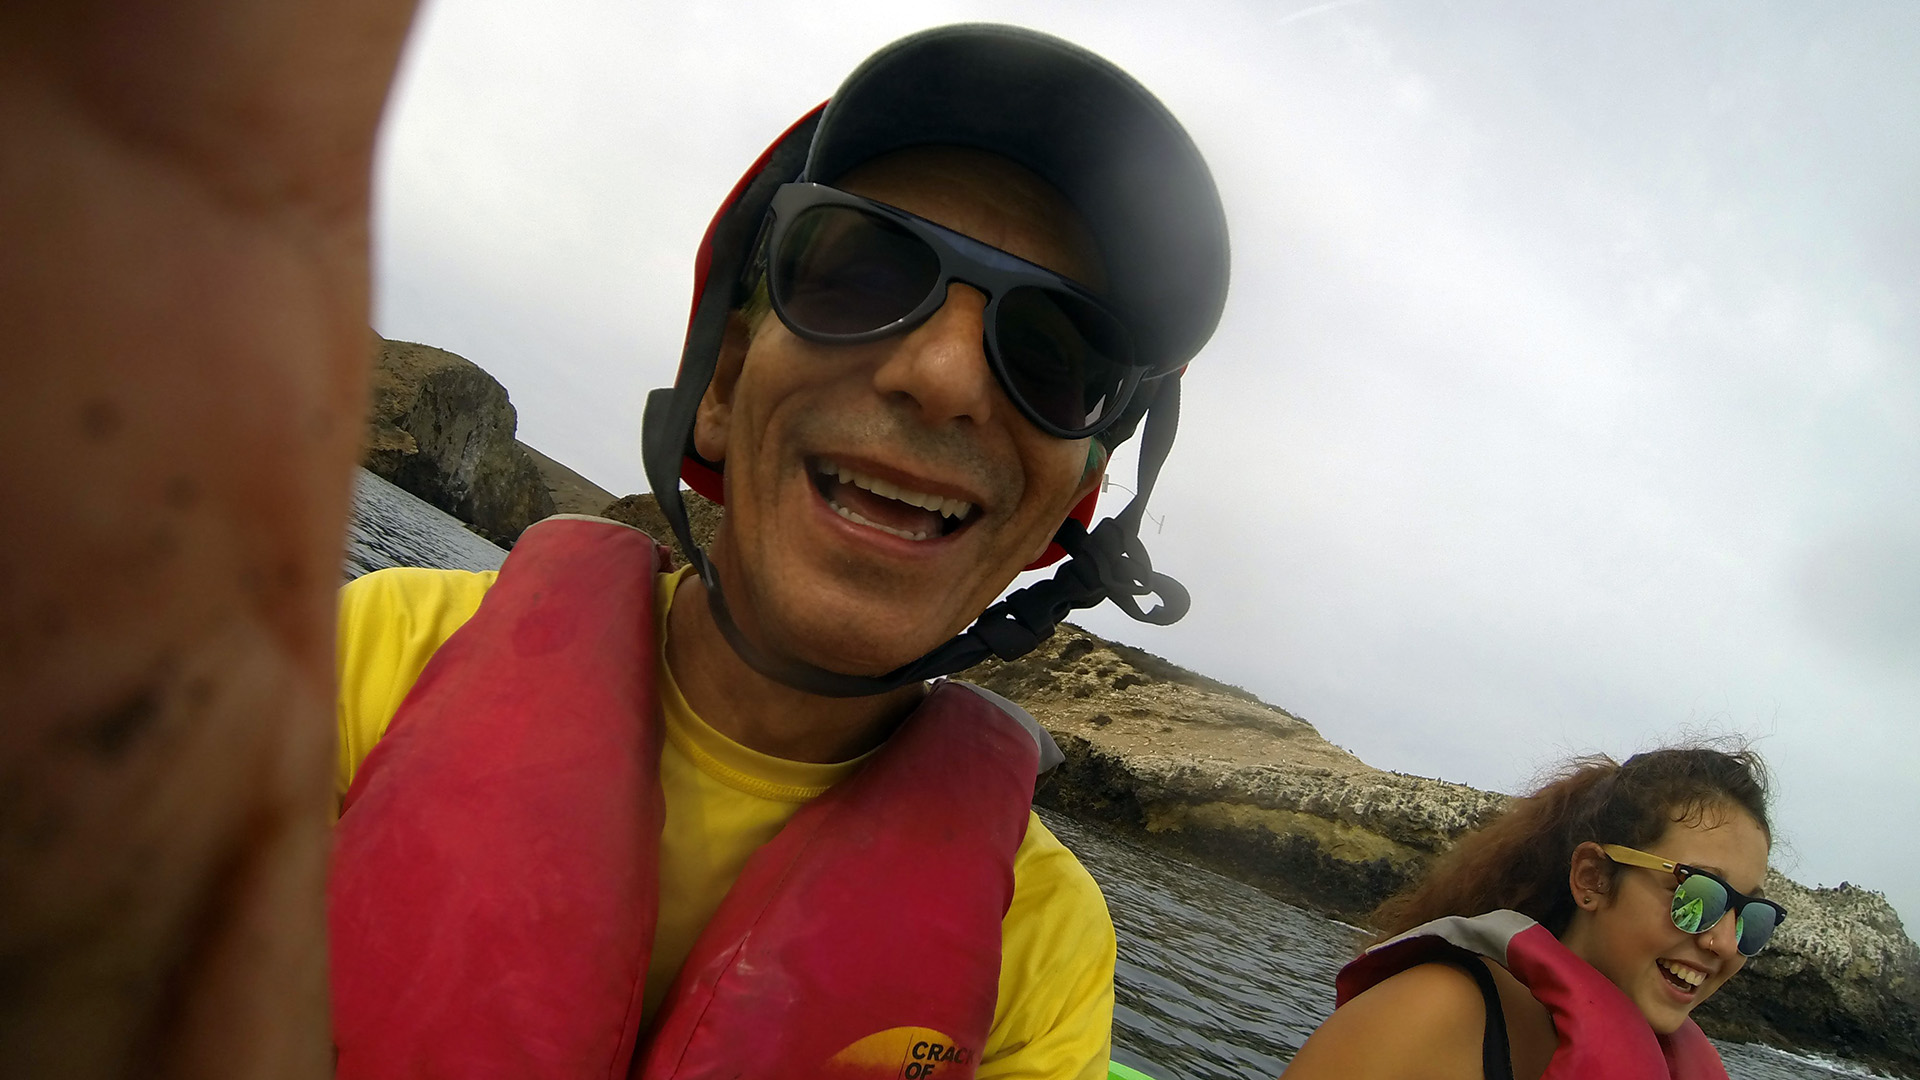 Glenn and Zeinab paddling kayaks and smiling